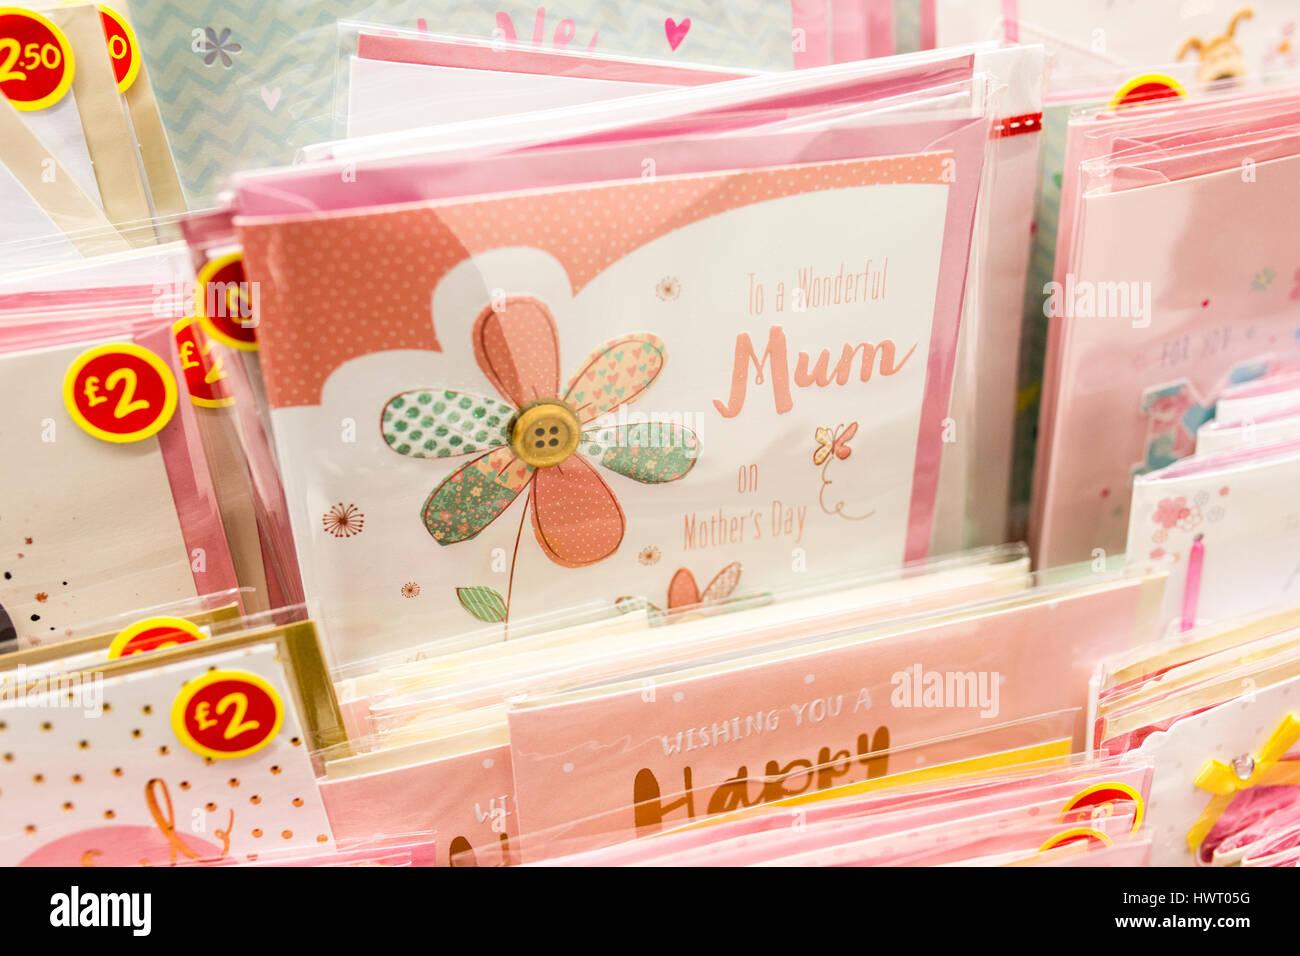 Les cartes de la Fête des mères à vendre dans un supermarché britannique Photo Stock